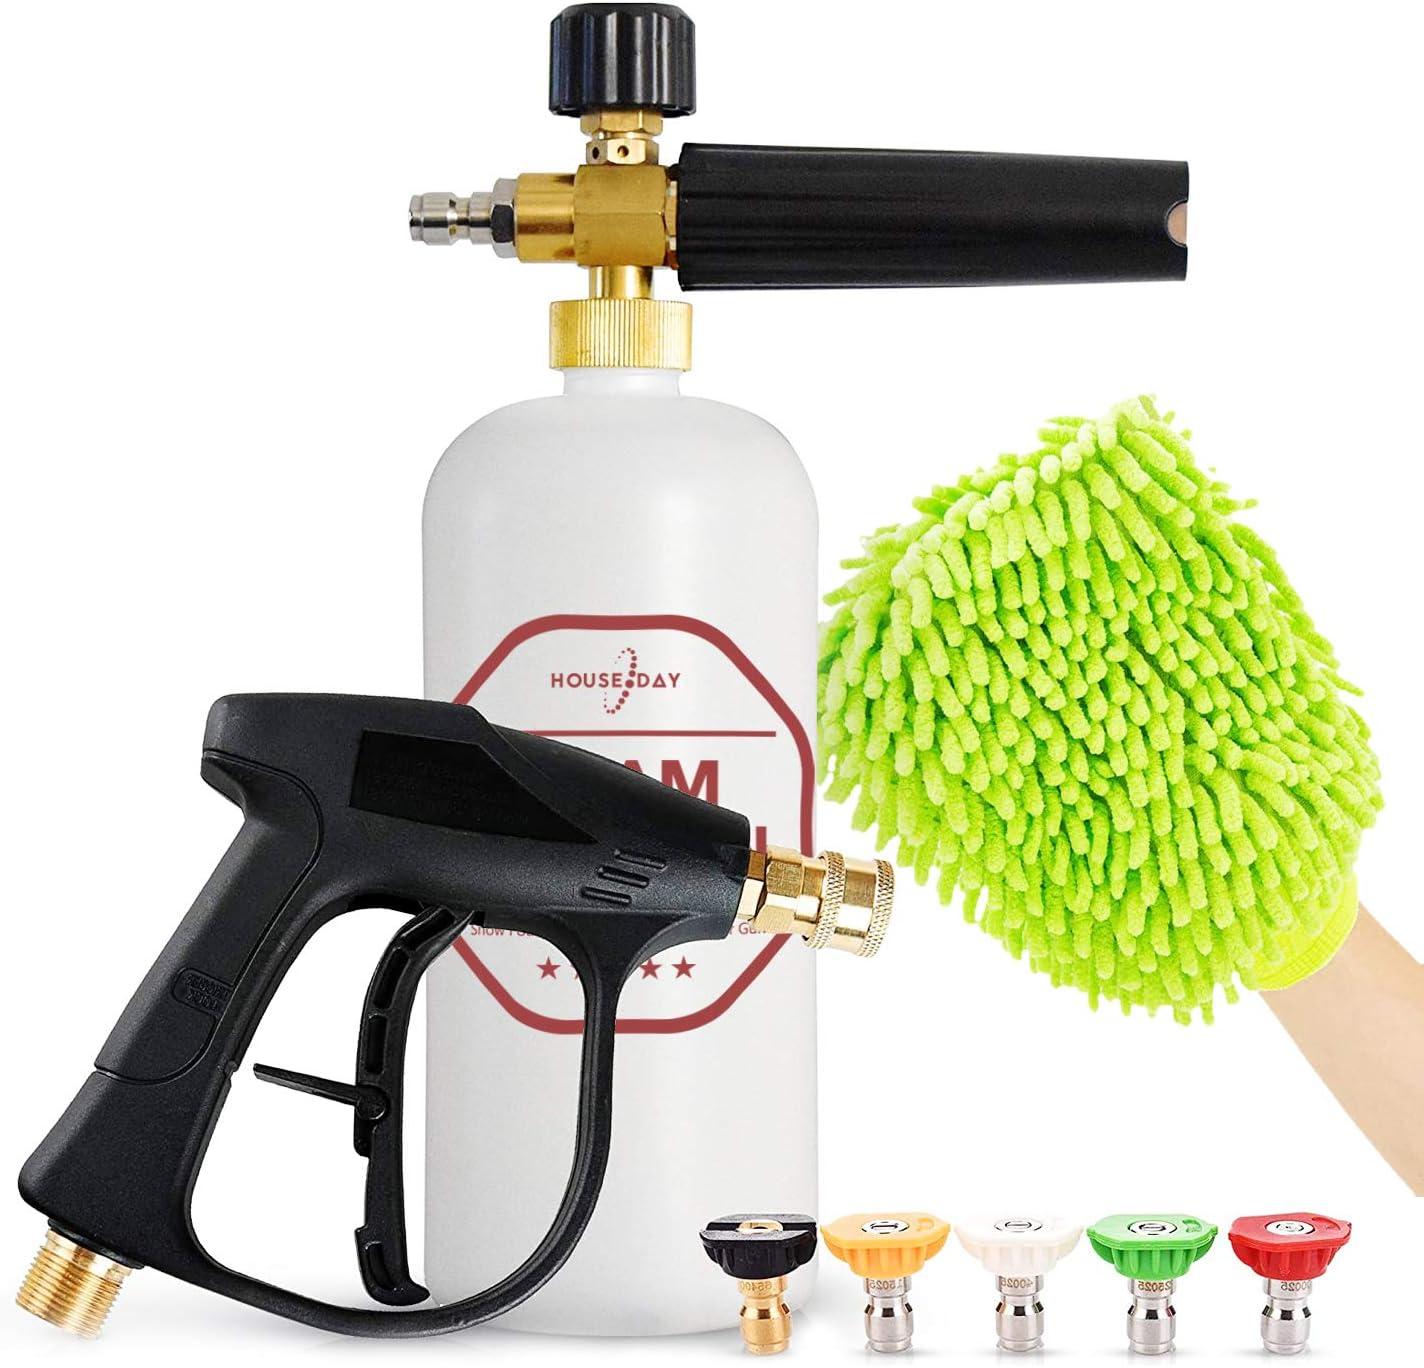 HOUSE DAY Foam Cannon Gun Kit Pressure Washer Foam Cannon Snow Foam Lance 1/4